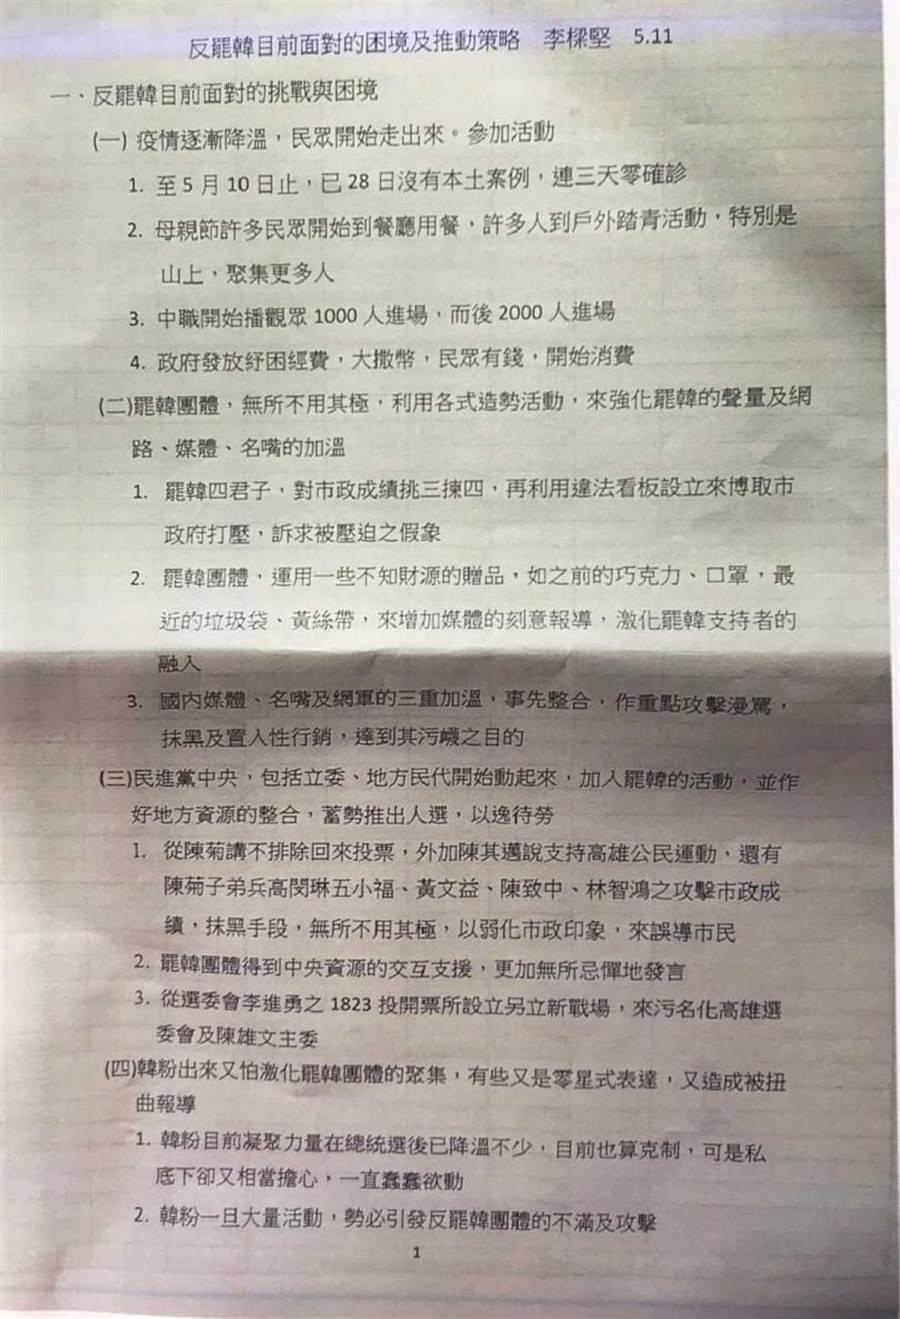 網路上近日流傳的「反罷韓目前面對的困境及推動策略」,建議韓國瑜應誠摯道歉。(圖/翻攝自讀者提供)